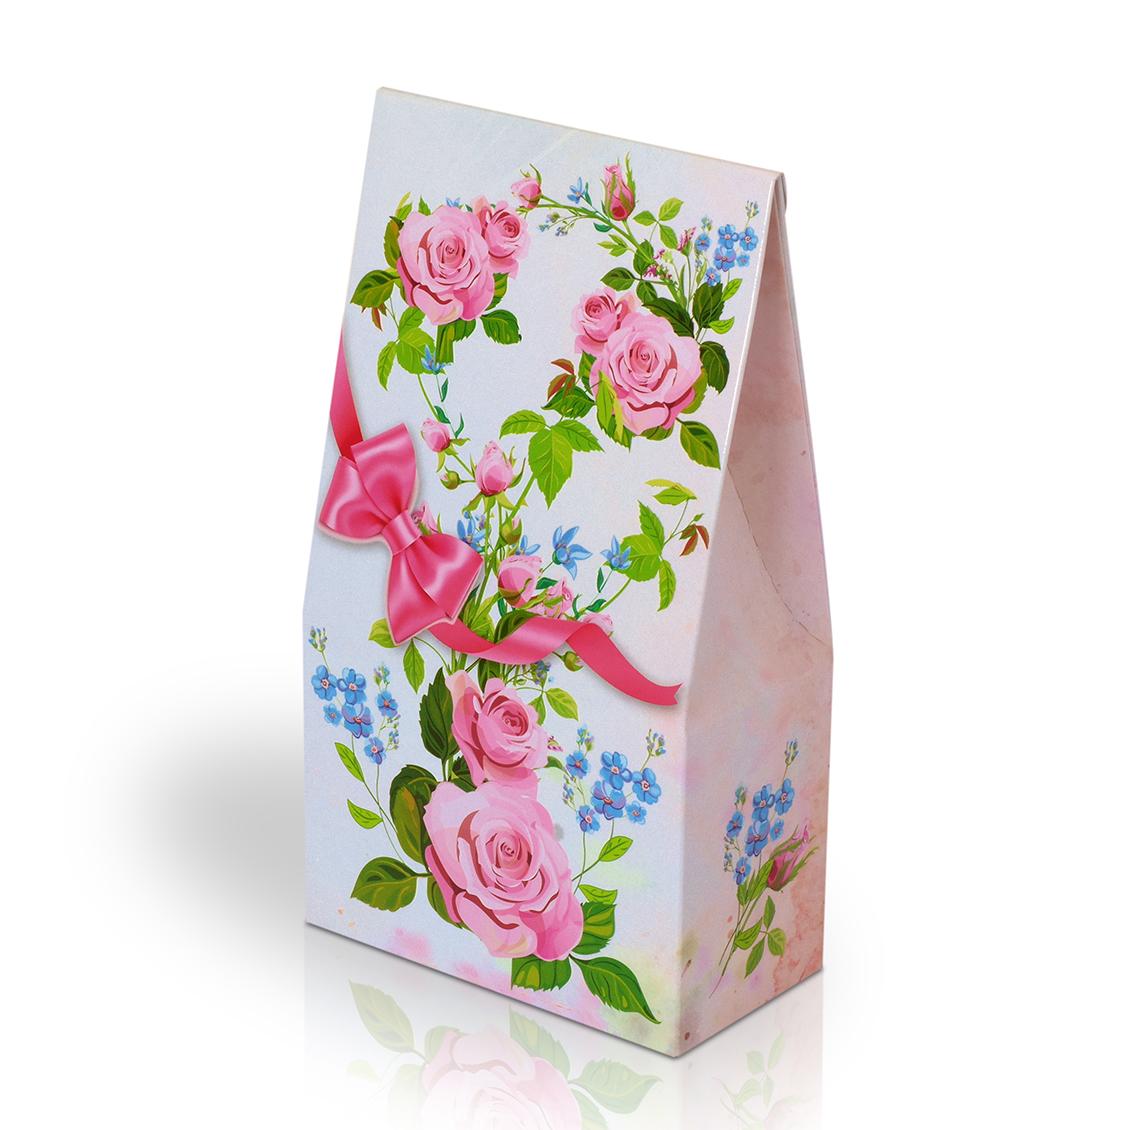 Italské pralinky - Květy s růžovou mašlí 100g (stříška)